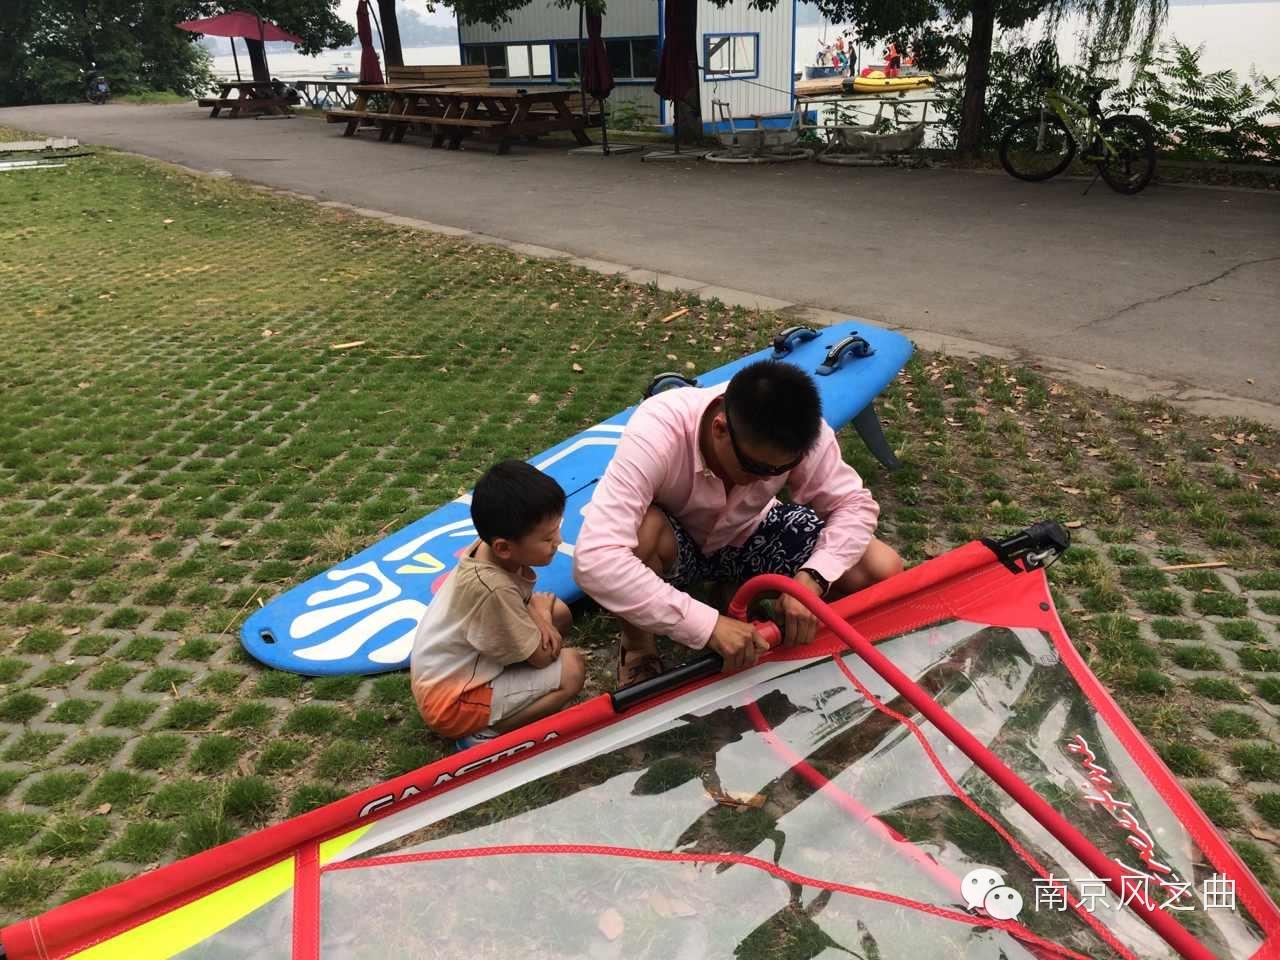 长三角,帆船 2015年江苏航海帆船夏令营之一南京风之曲 c6c8c46e8cc0334dbc9a4d02b4f1c6e0.jpg